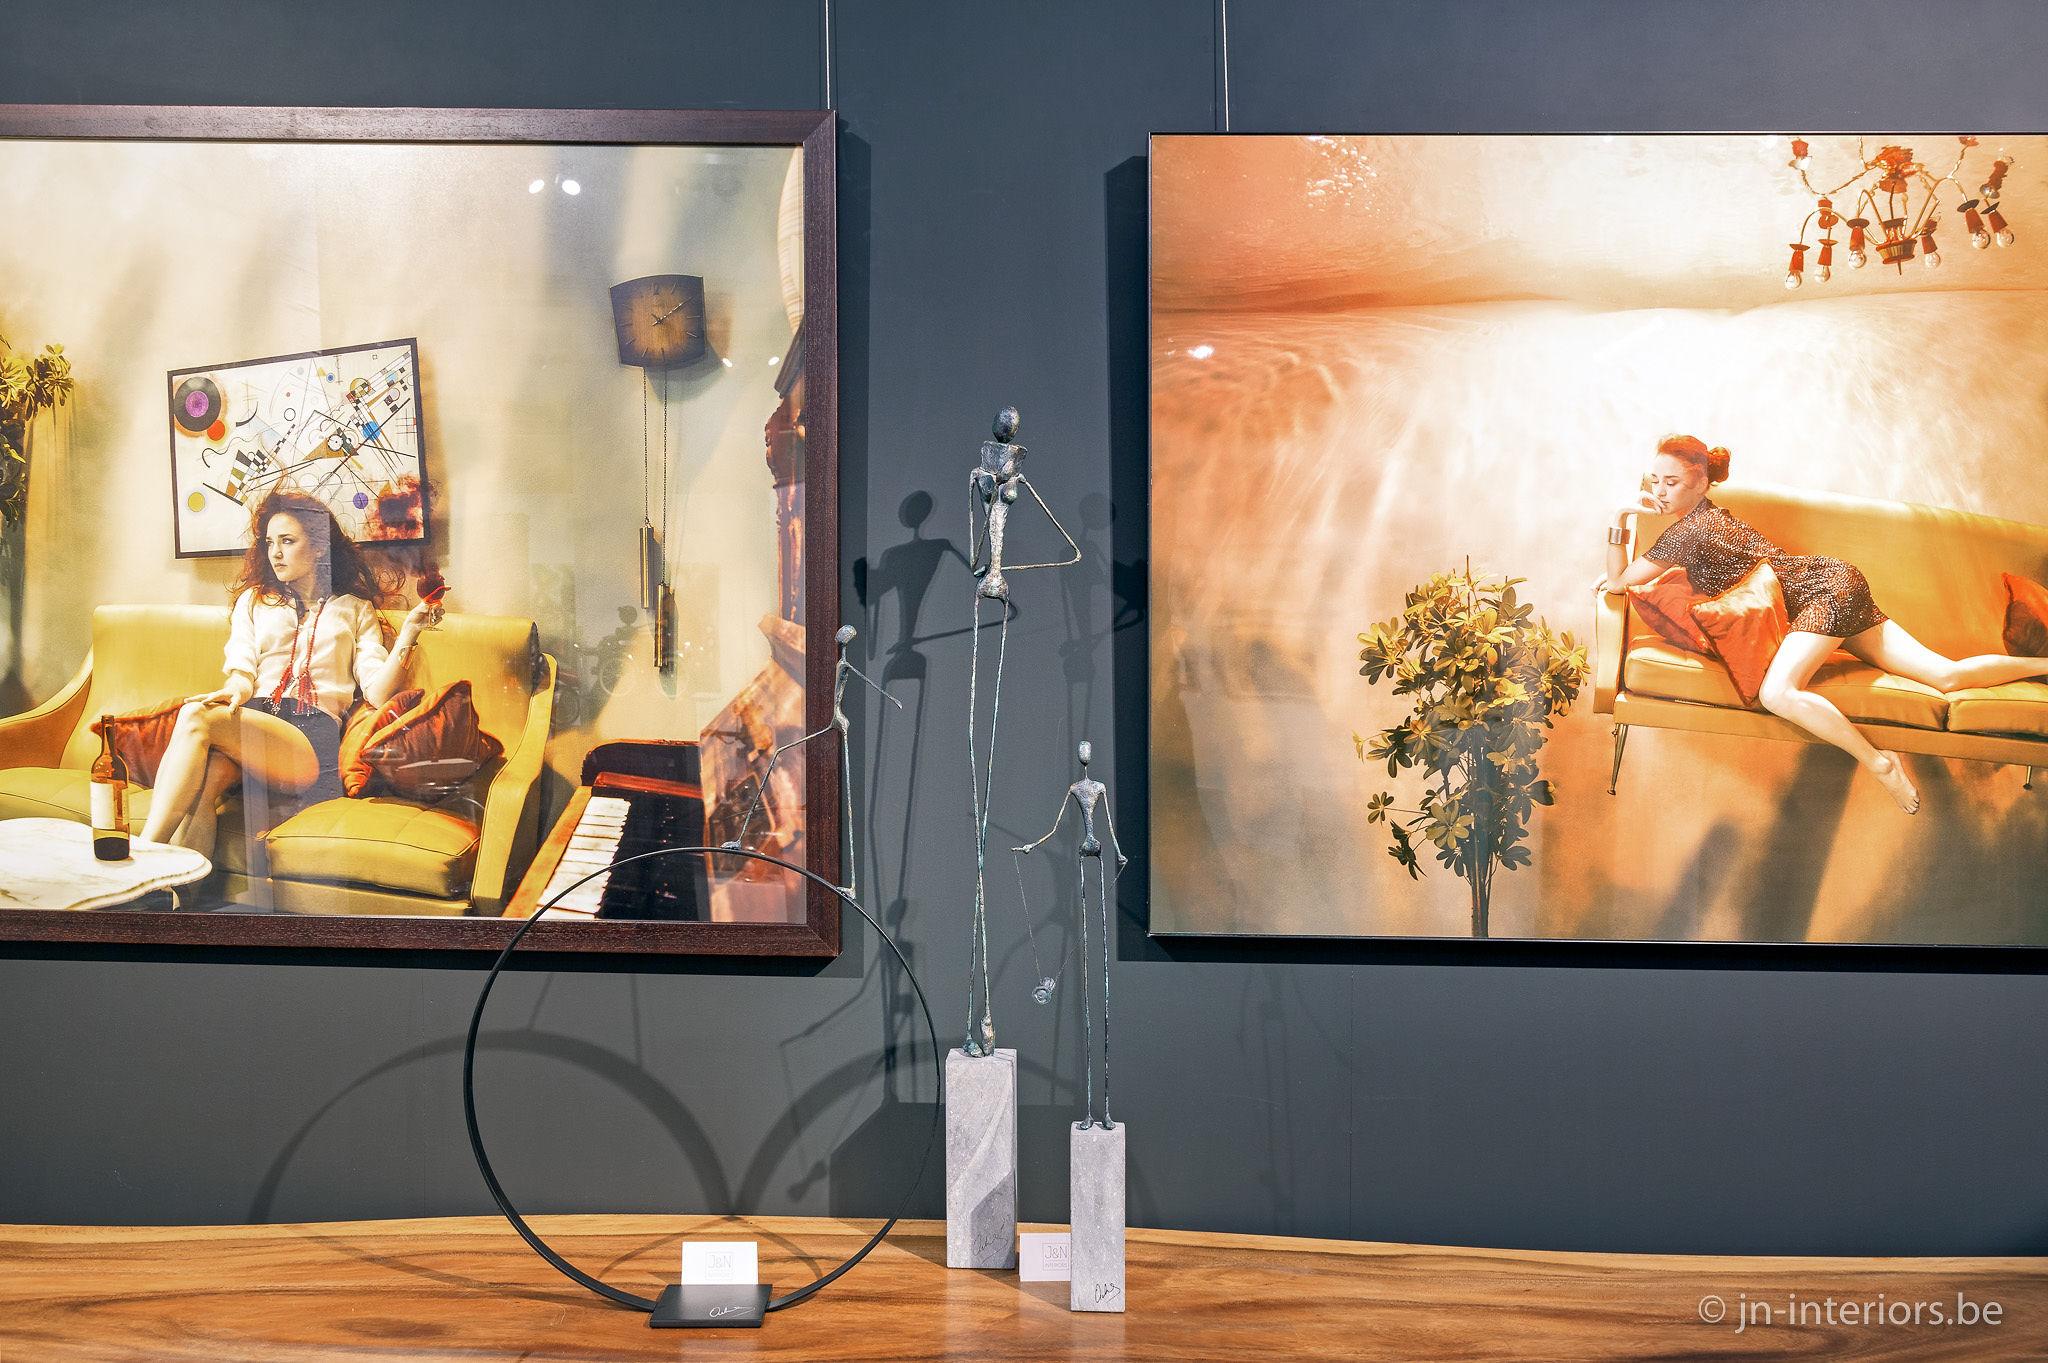 photographe belge, galerie d'art, sculpture fil de fer, magasin de décoration, vernissage, exposition jn interiors, jour et nuit liège verviers